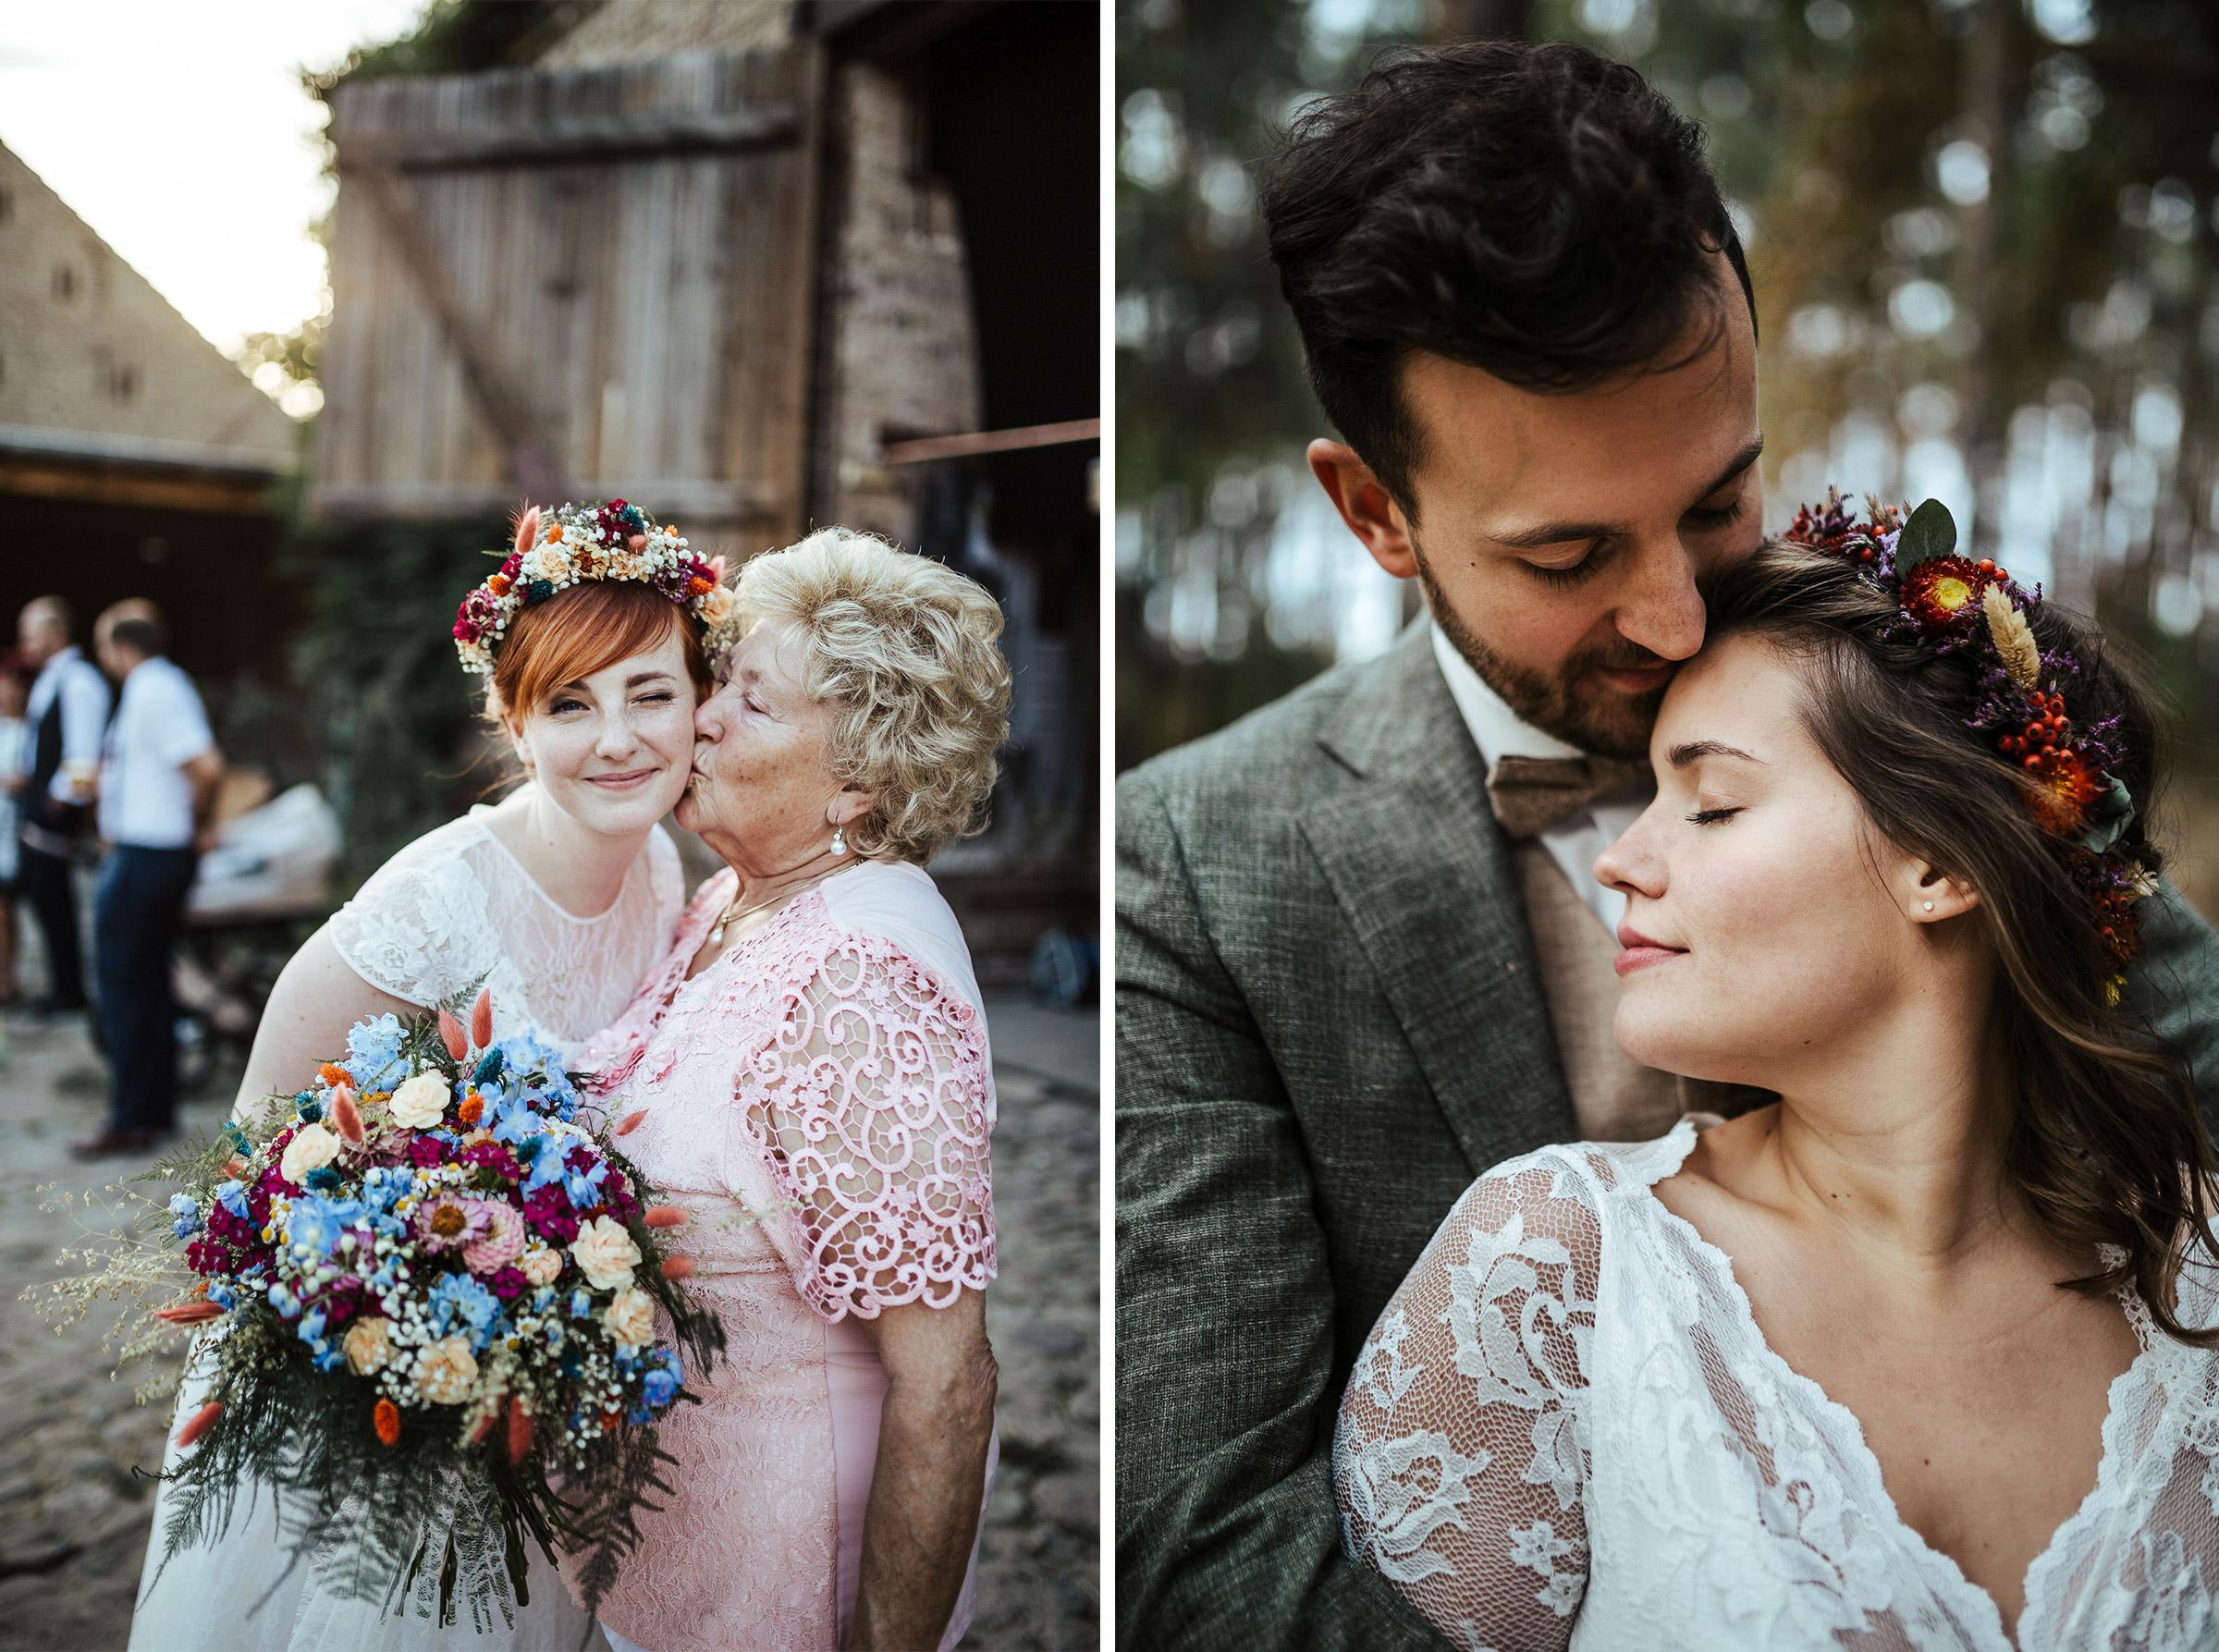 Blumenschmuck von Kopflegenden: Braut mit Oma und Brautpaar in enger Umarmung